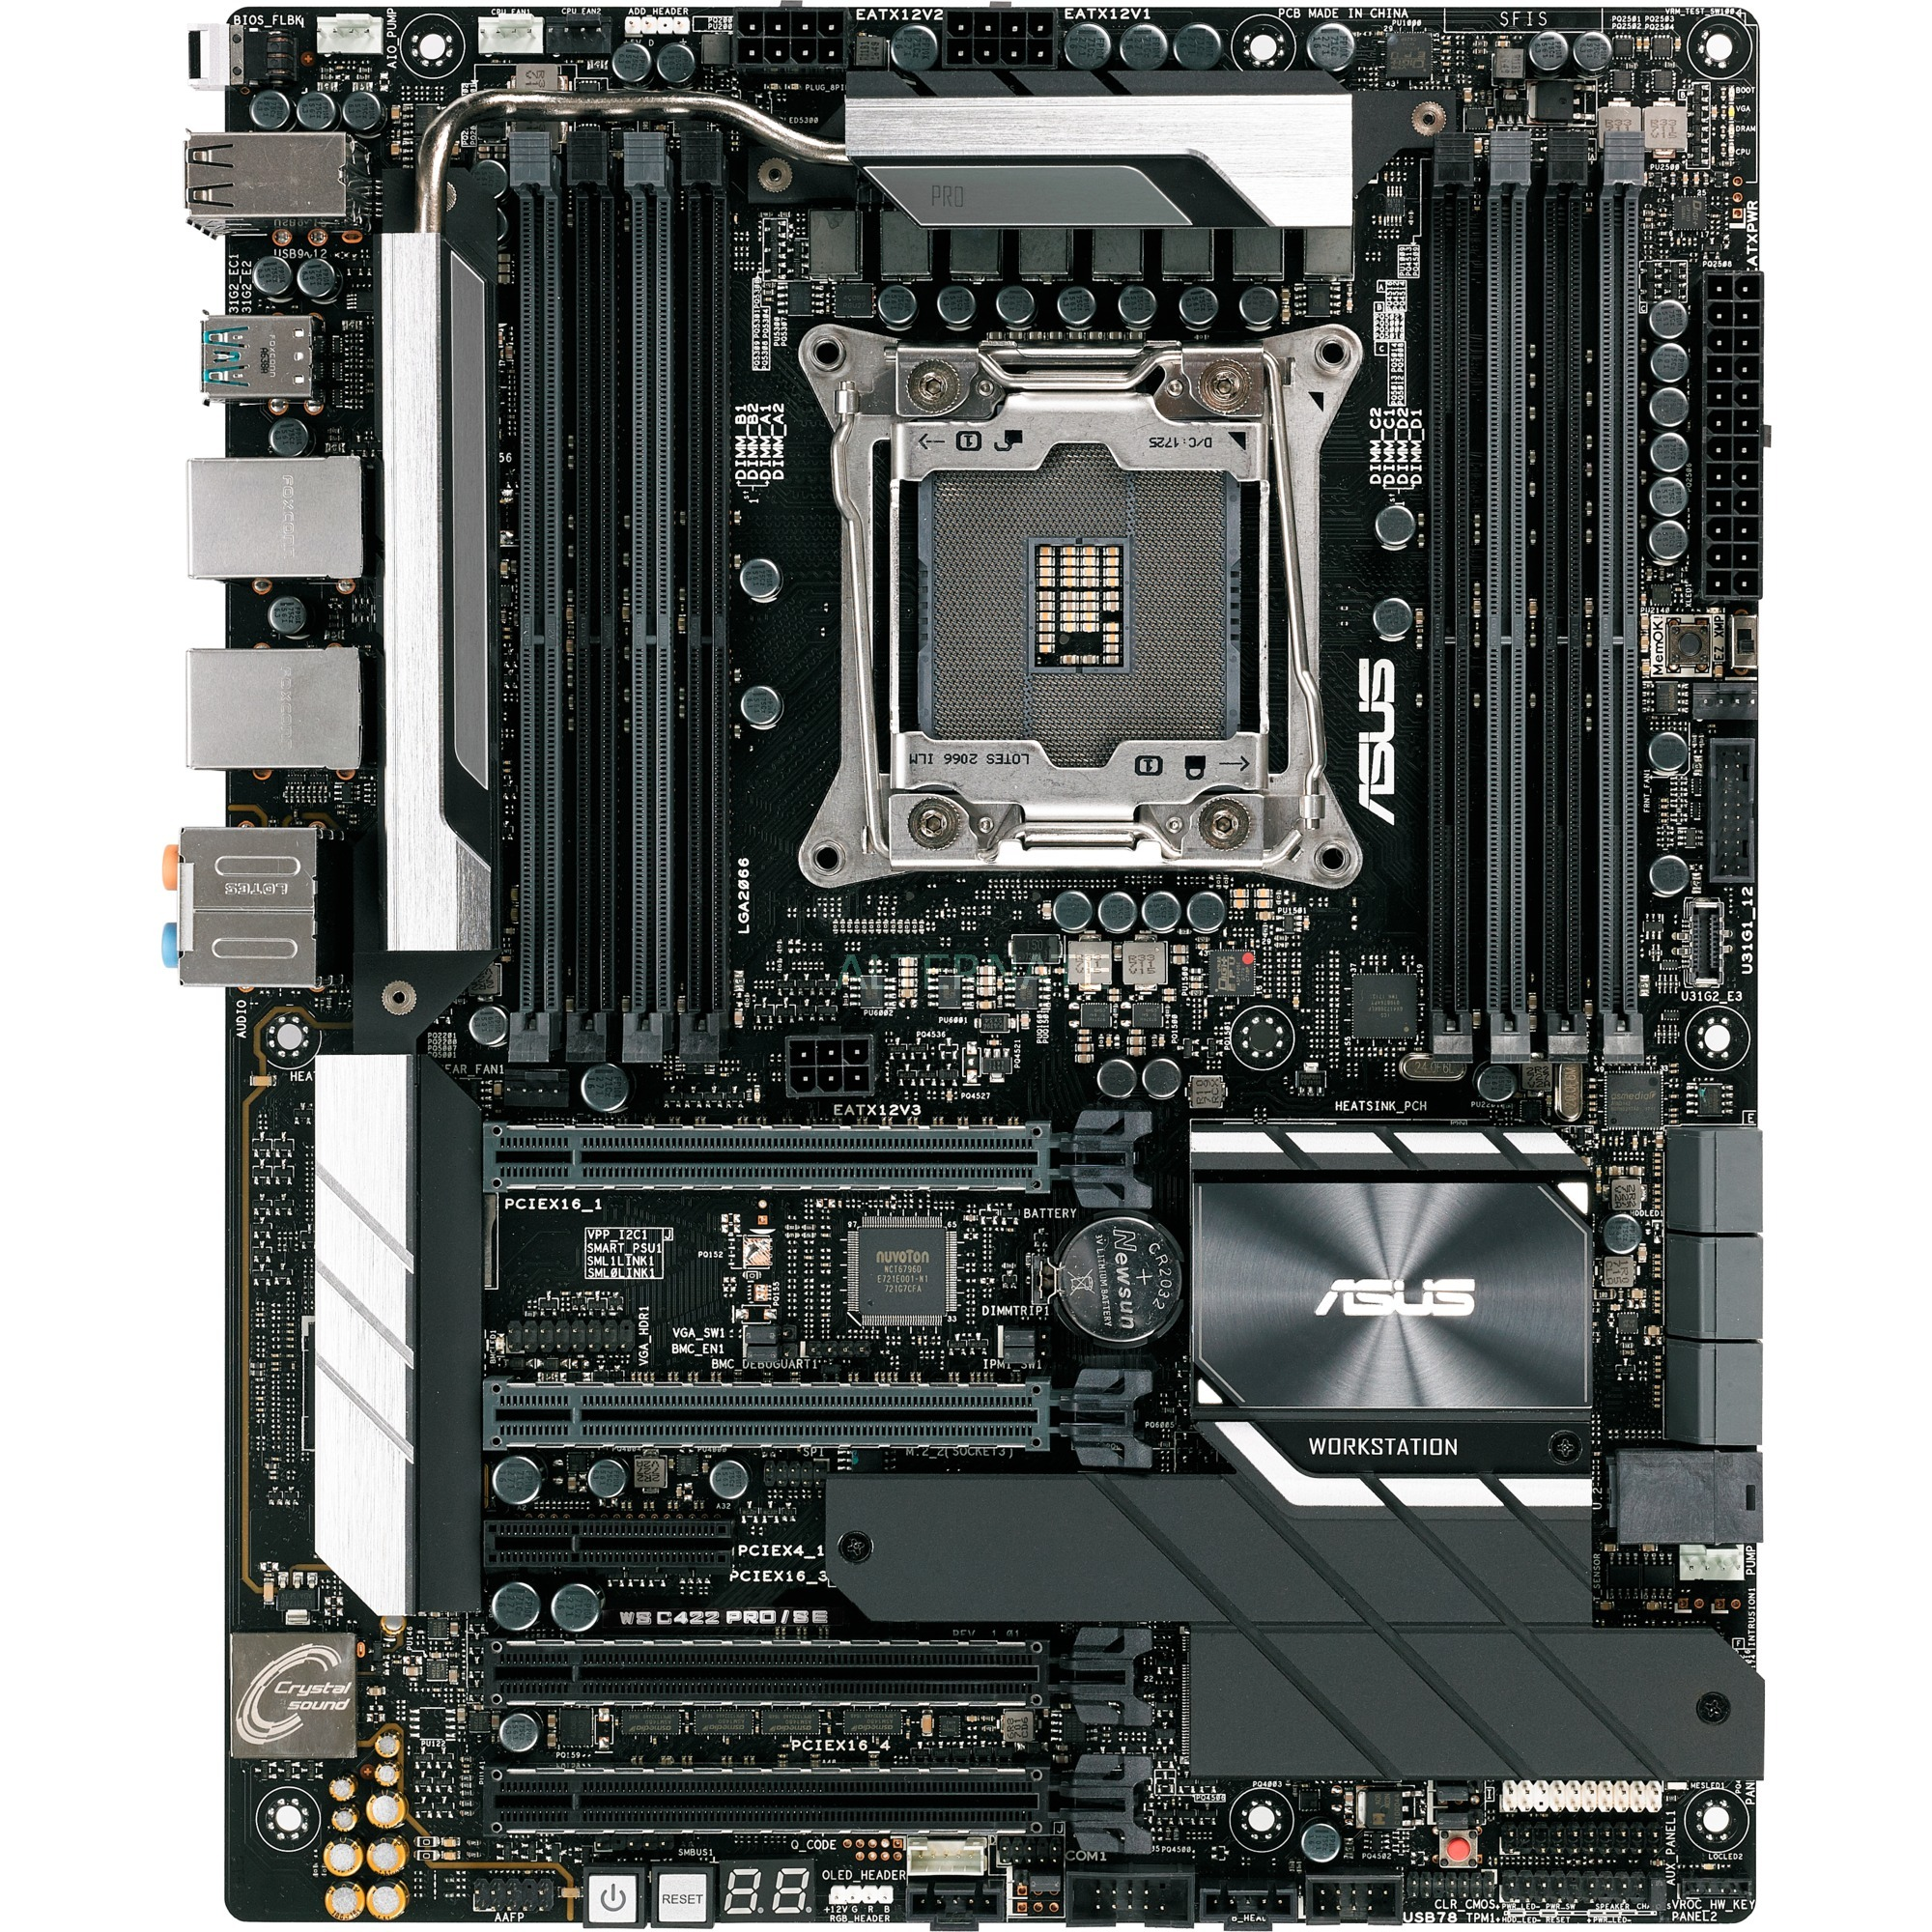 WS C422 PRO/SE placa base para servidor y estación de trabajo LGA 2066 (Socket R4) Intel C422 ATX